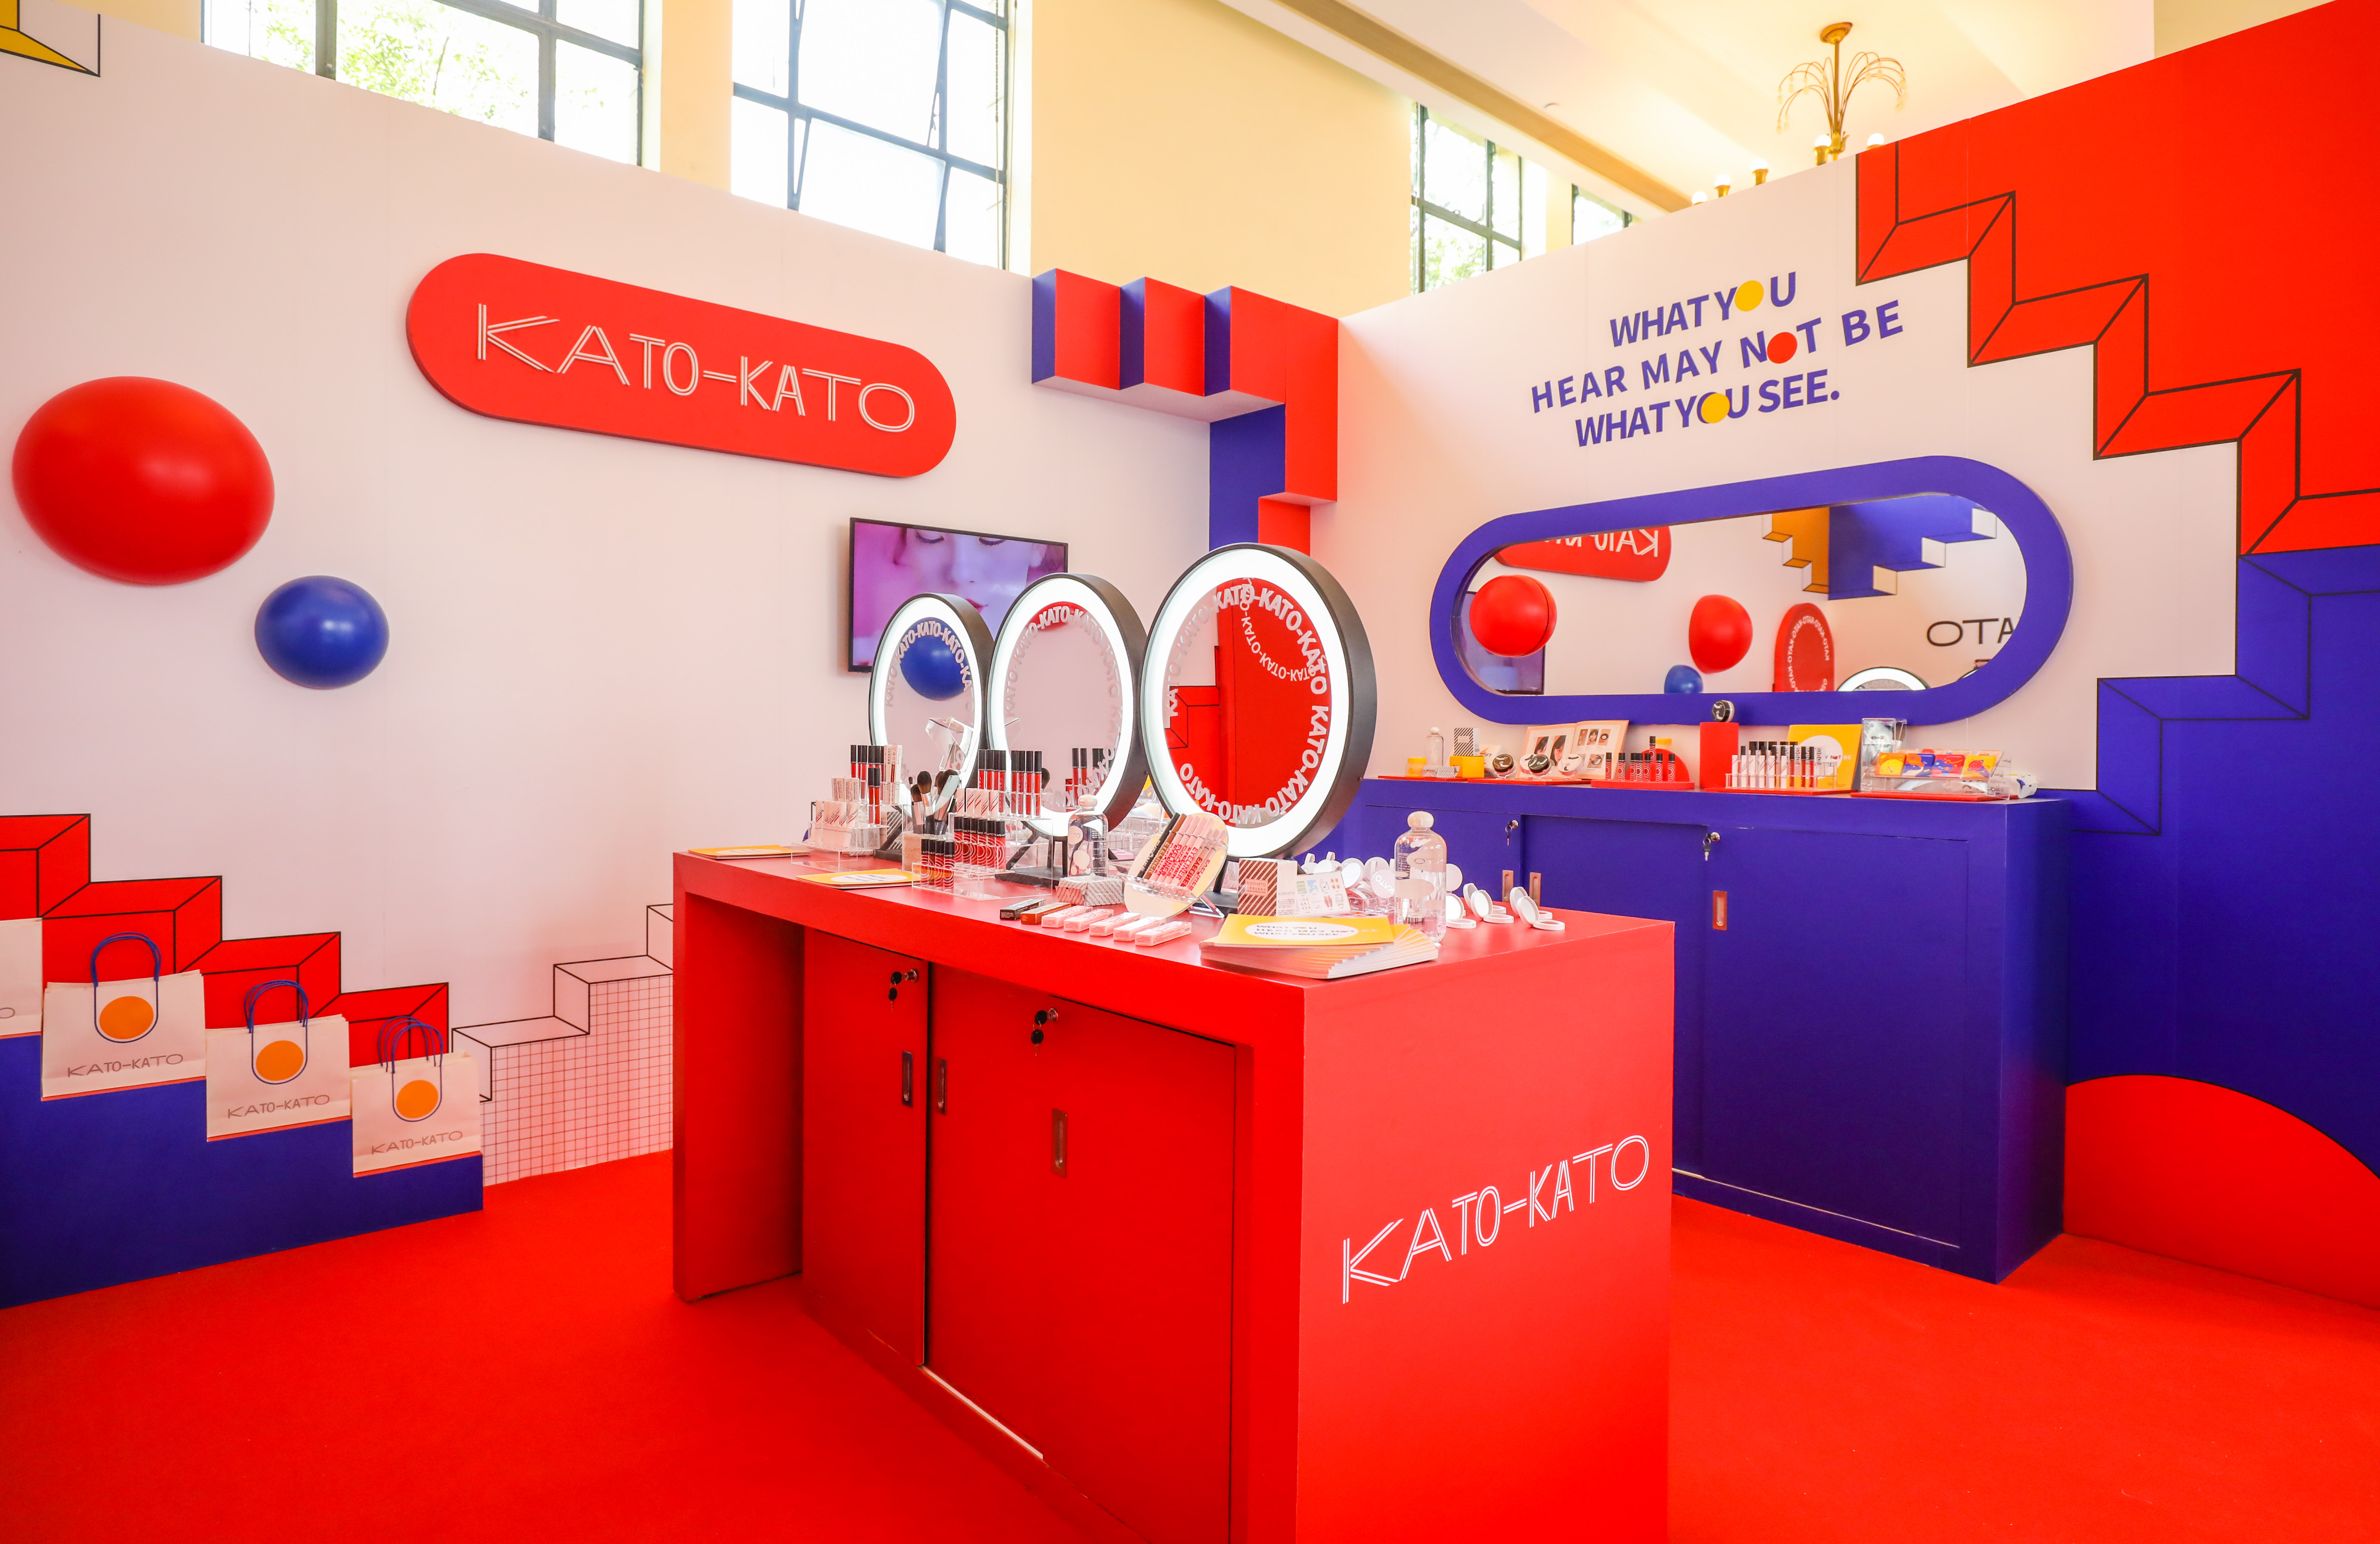 玩乐色彩时髦感 KATO-KATO为Z世代女孩打造奇趣快闪空间插图